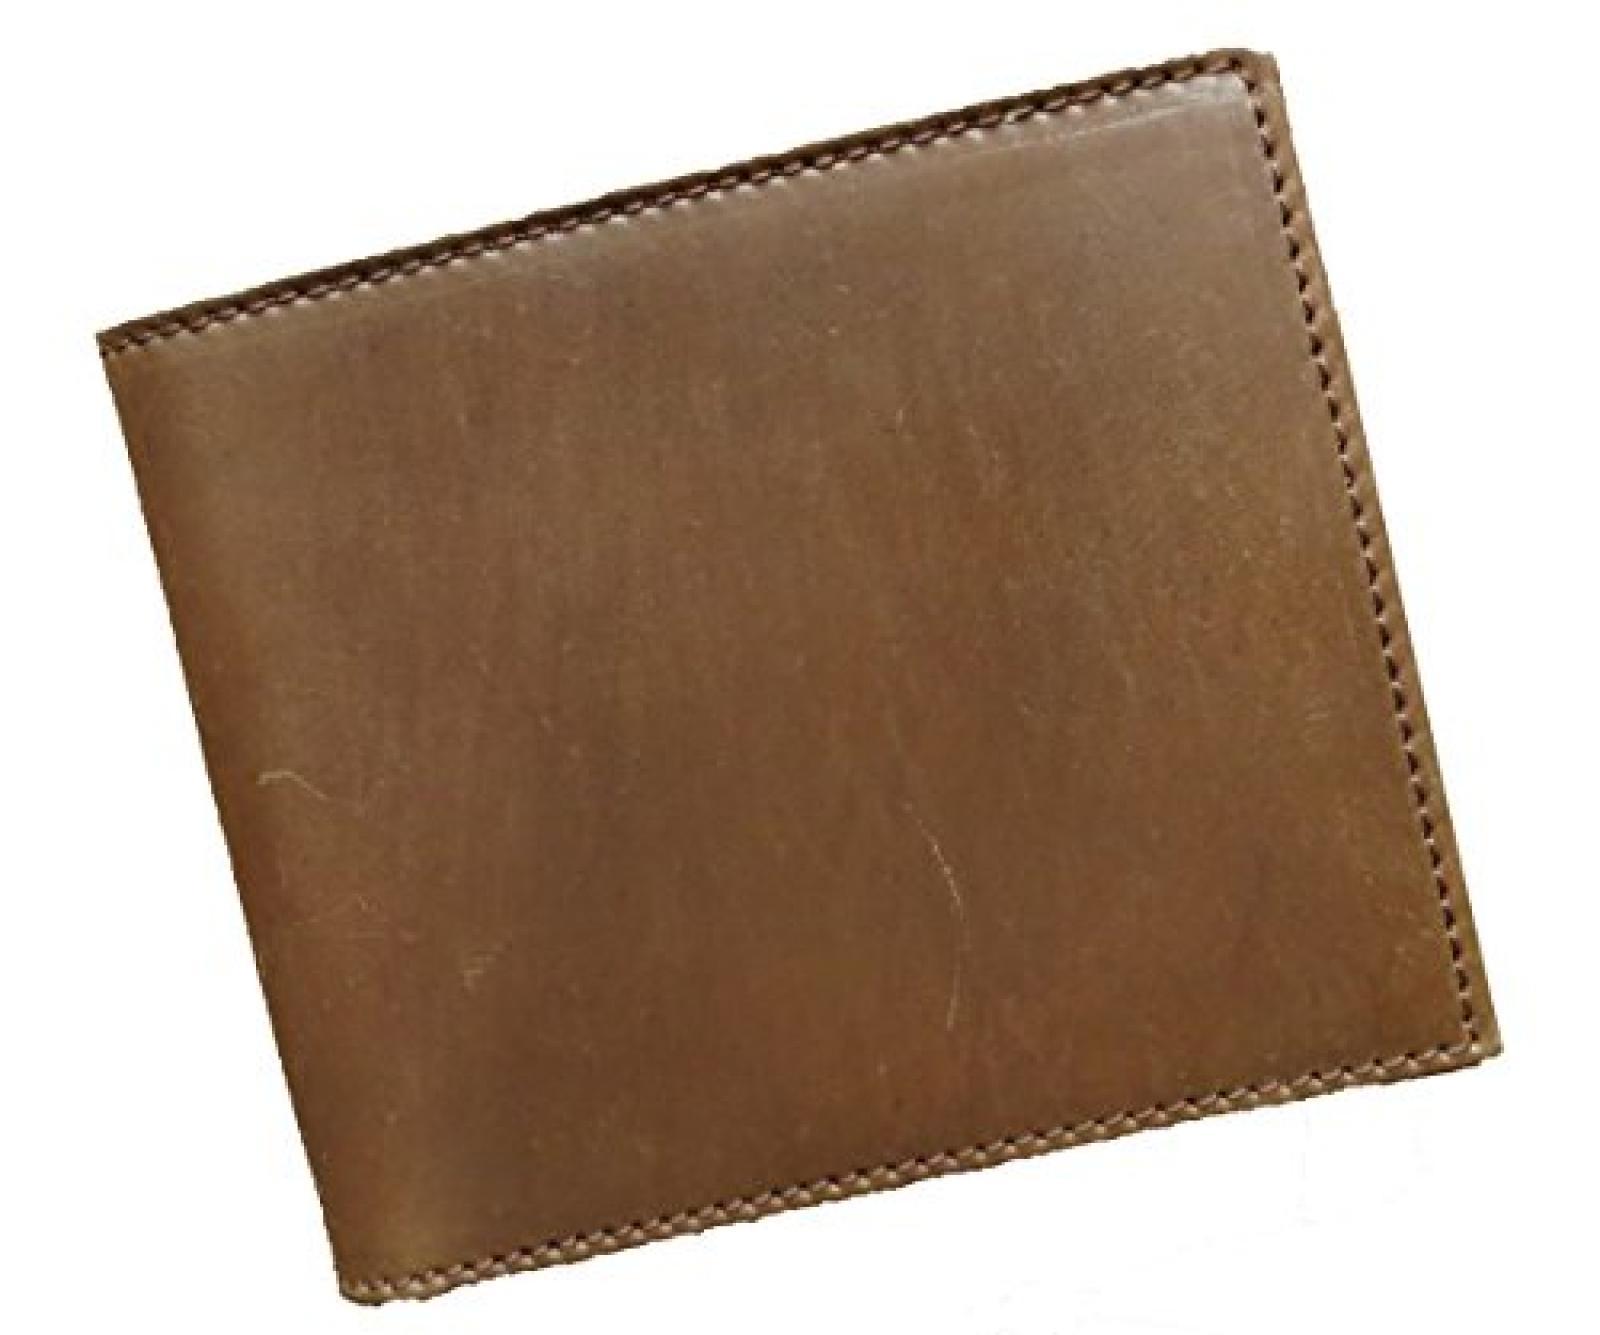 Horween Shell Cordovan Geldbörse Portemonnaie mit Münzfach whisky (vintagebraun)